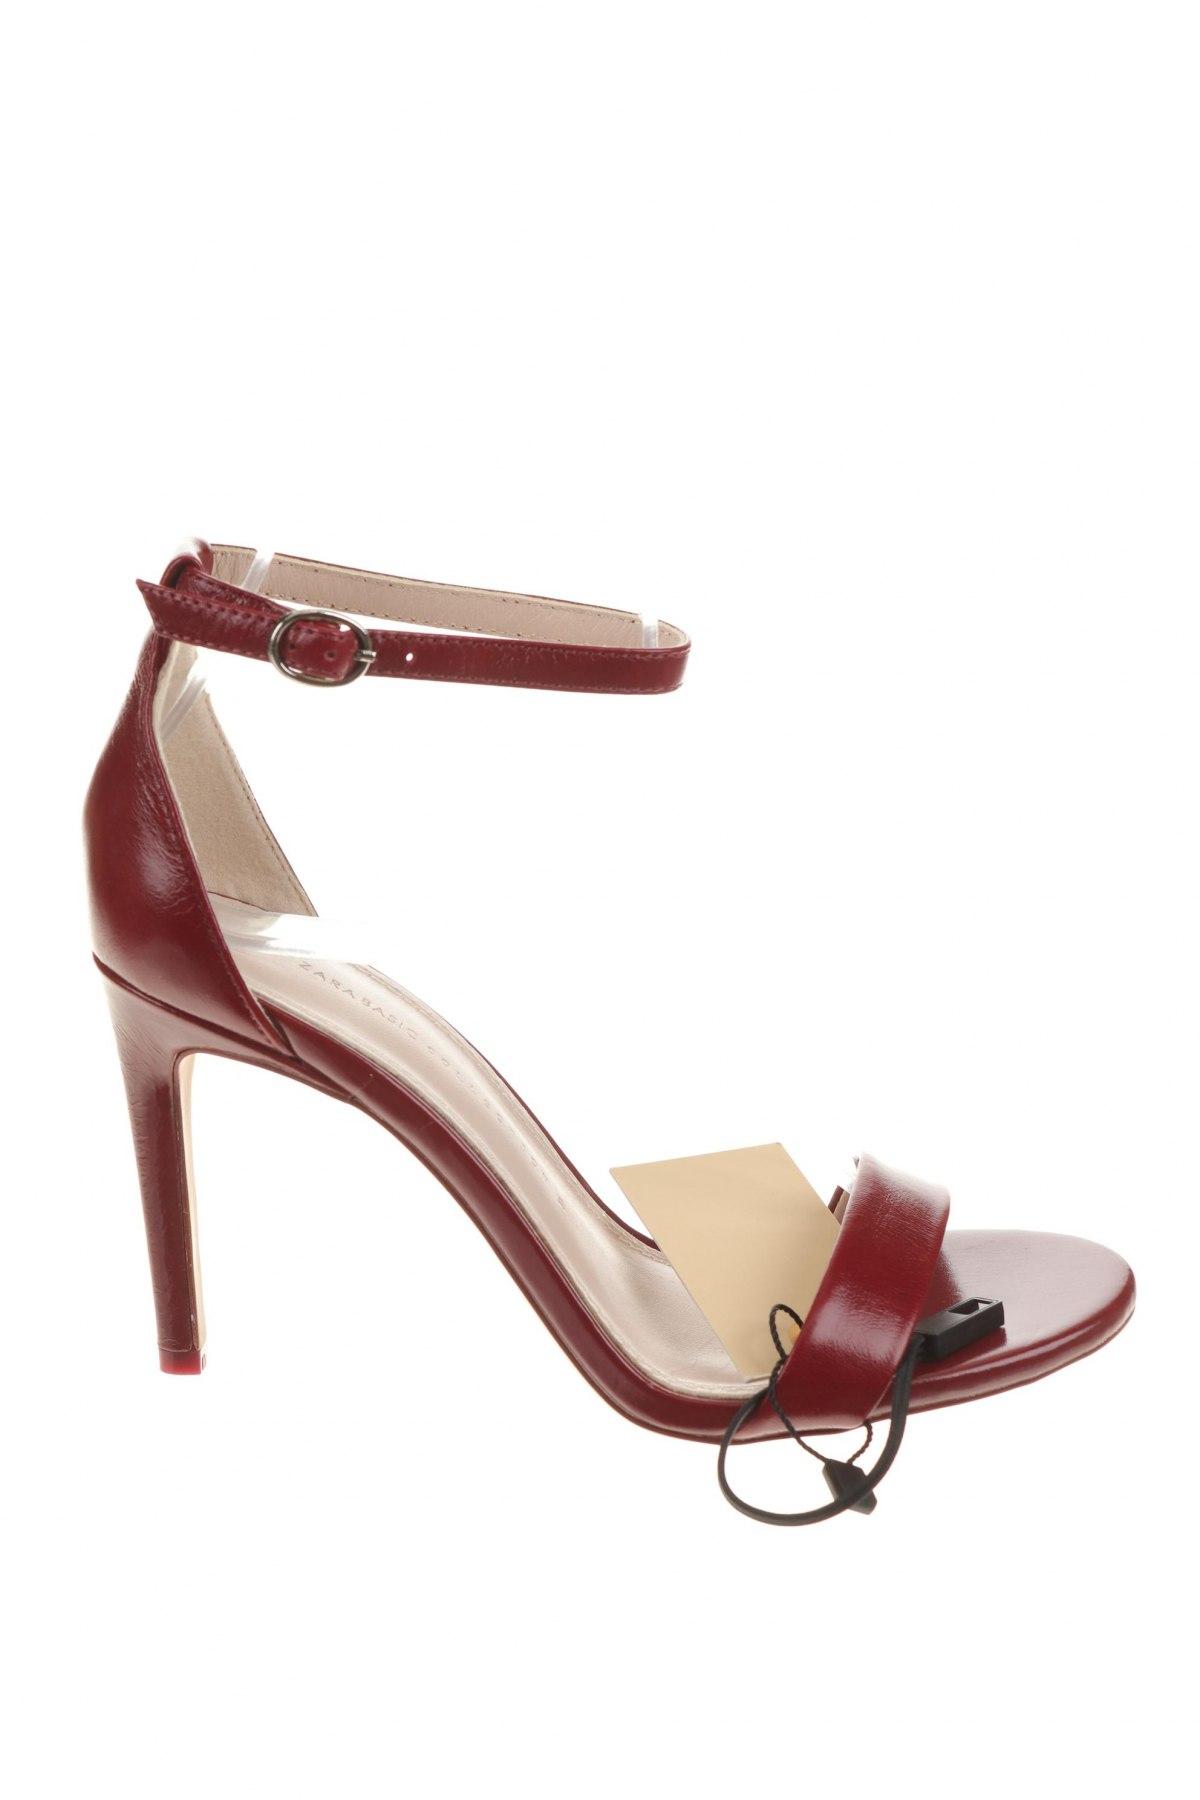 Σανδάλια Zara, Μέγεθος 37, Χρώμα Κόκκινο, Γνήσιο δέρμα, Τιμή 29,60€